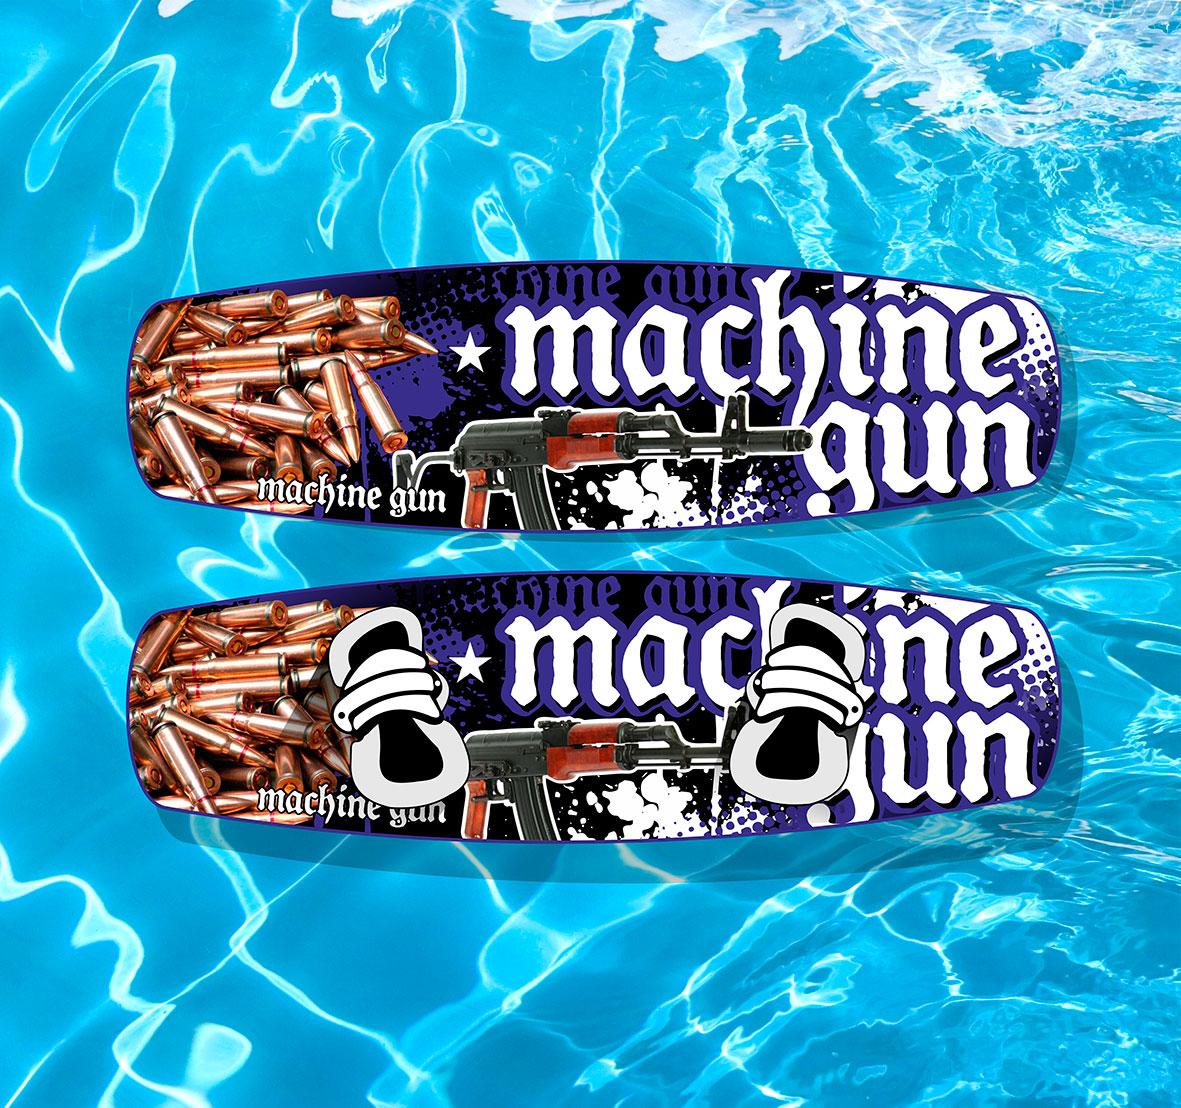 Дизайн принта досок для водных видов спорта (вейк, кайт ) фото f_024588725e923c6e.jpg